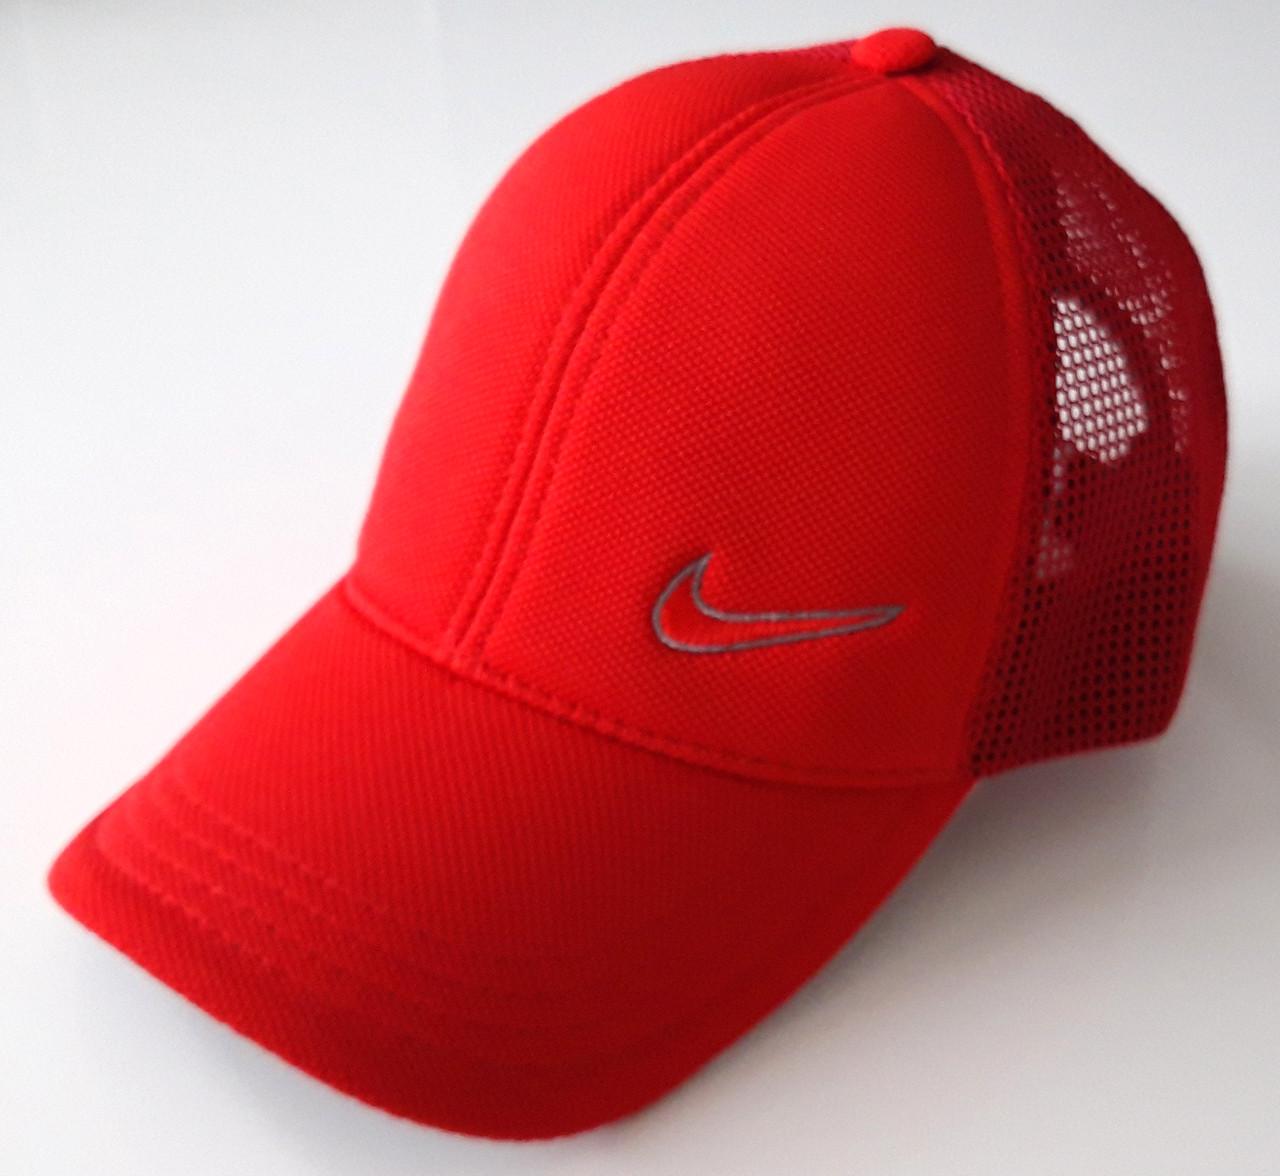 Кепка подростковая Nike сетка (55-56 см) красная